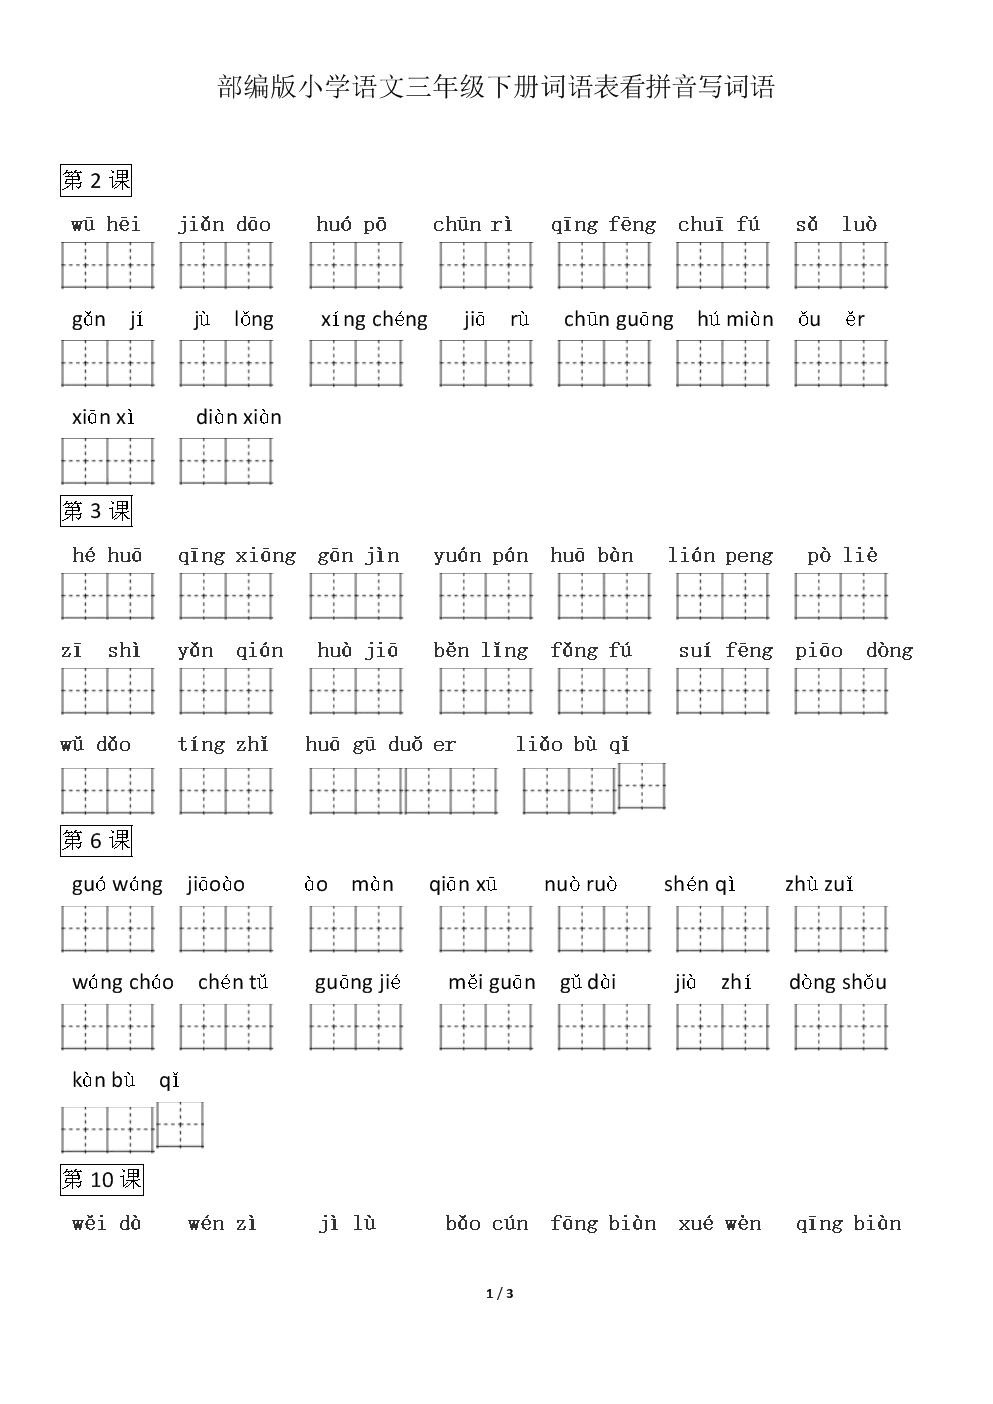 (原创)部编版小学语文三年级下册1-4单元词语表看拼音写词语.doc